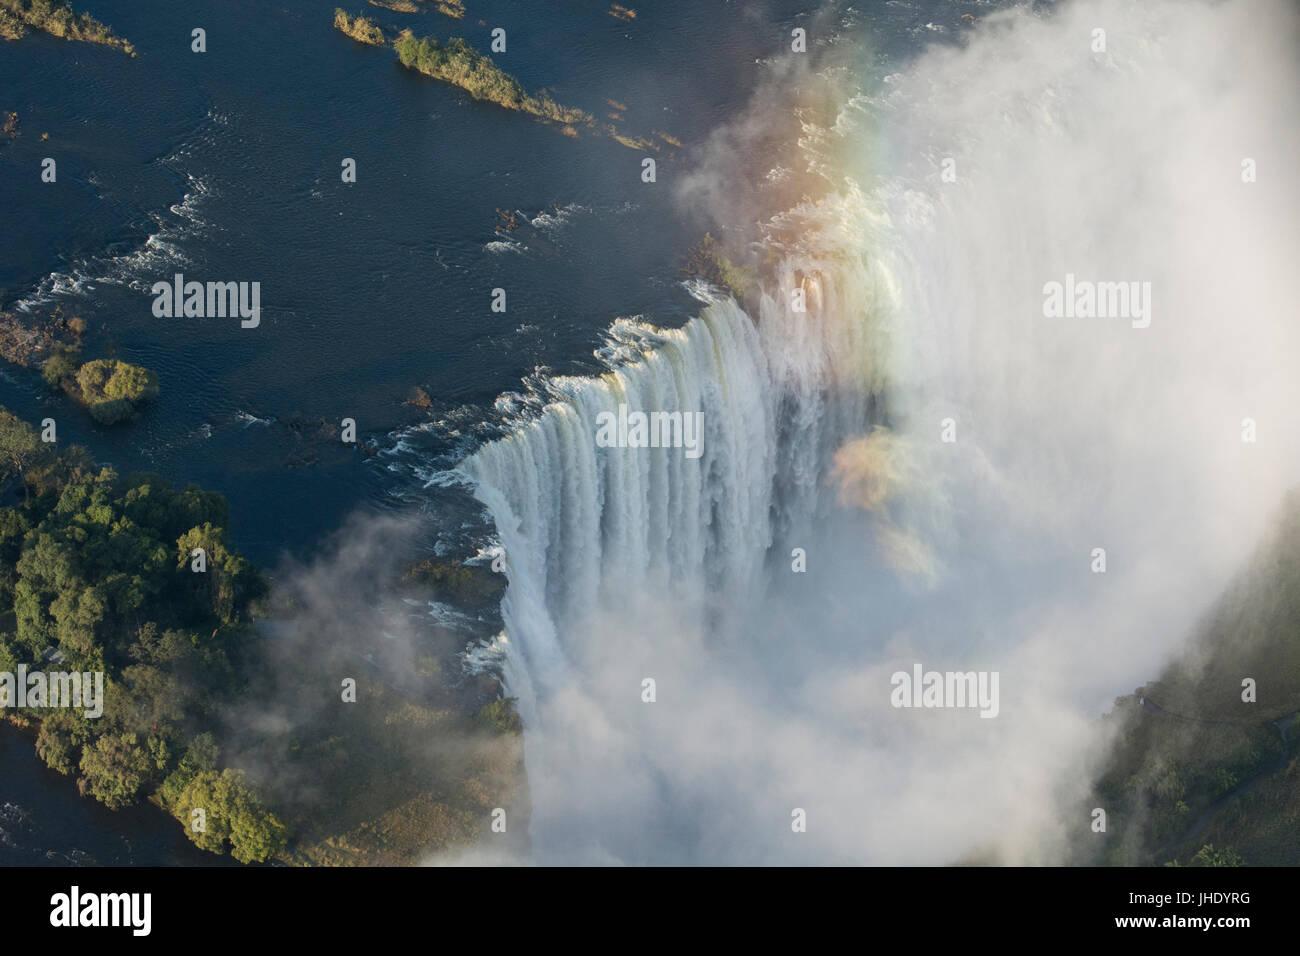 Africa meridionale al confine tra Zambia e Zimbabwe. Livingston, Zambia e Victoria Falls, Zimbabwe. Vista aerea Immagini Stock